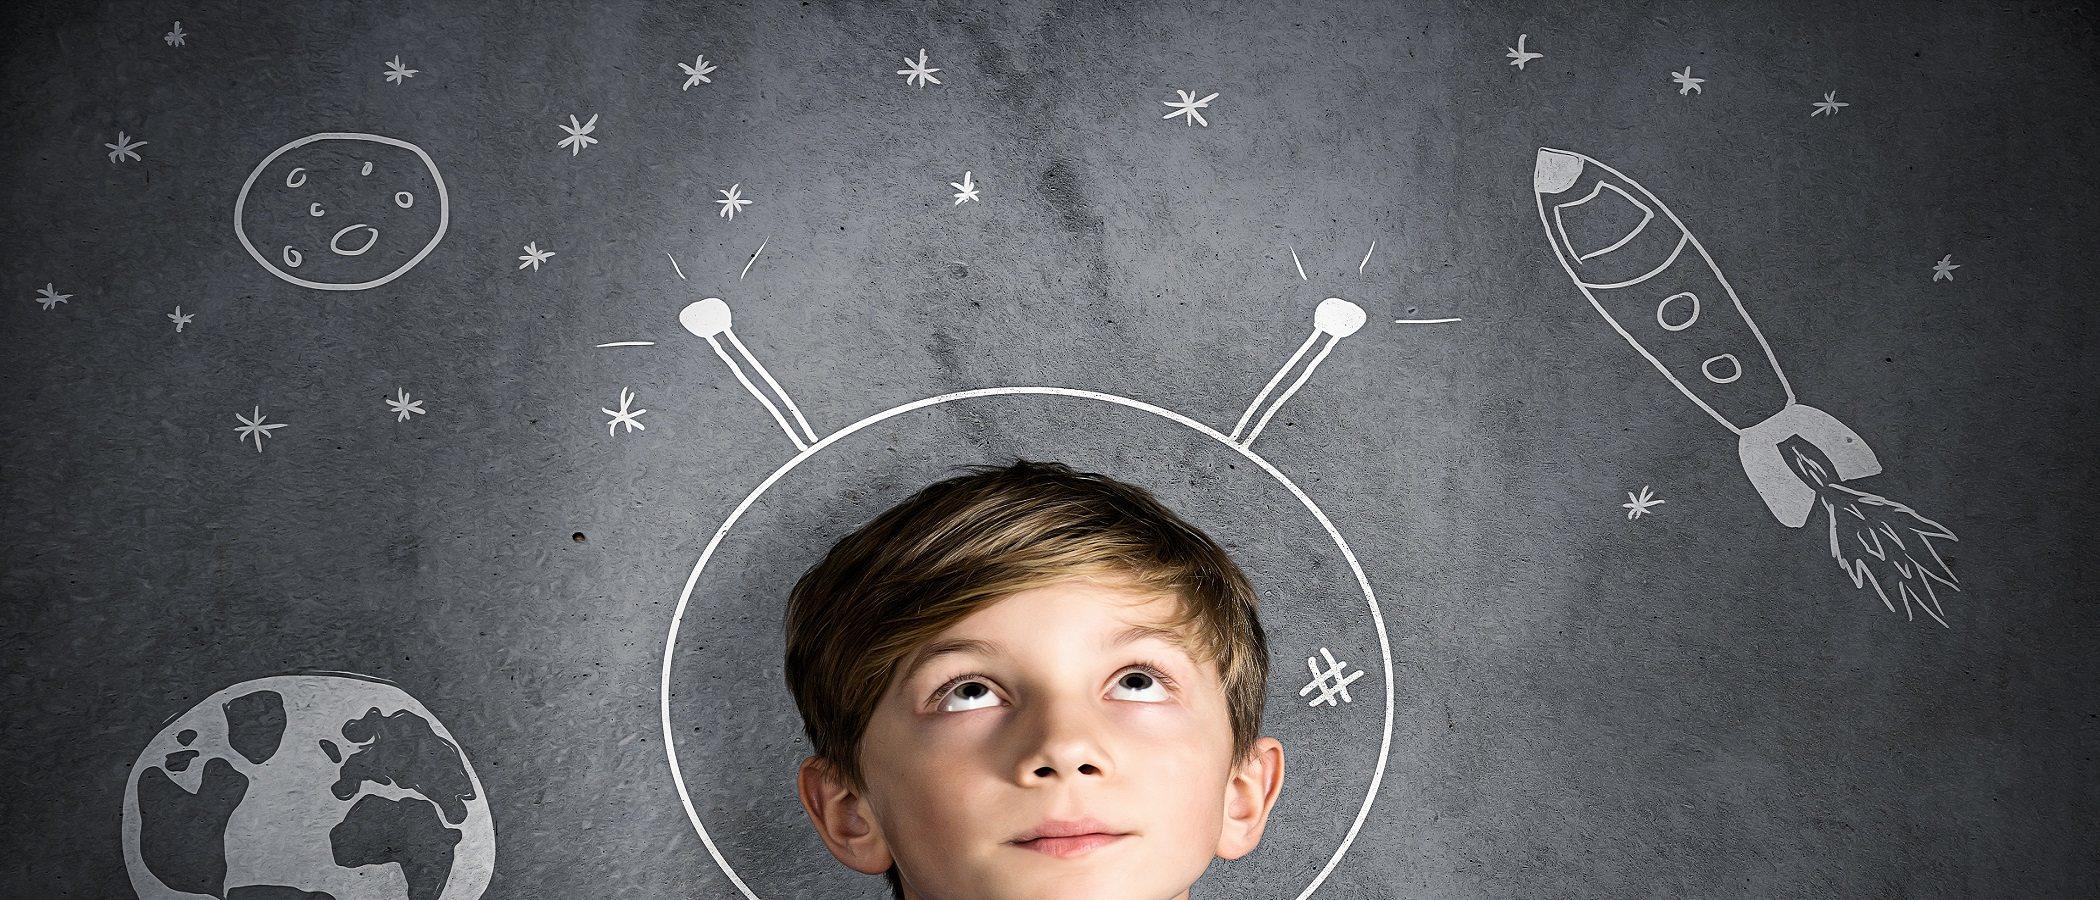 La imaginación de los niños superdotados les pueden causar miedos intensos